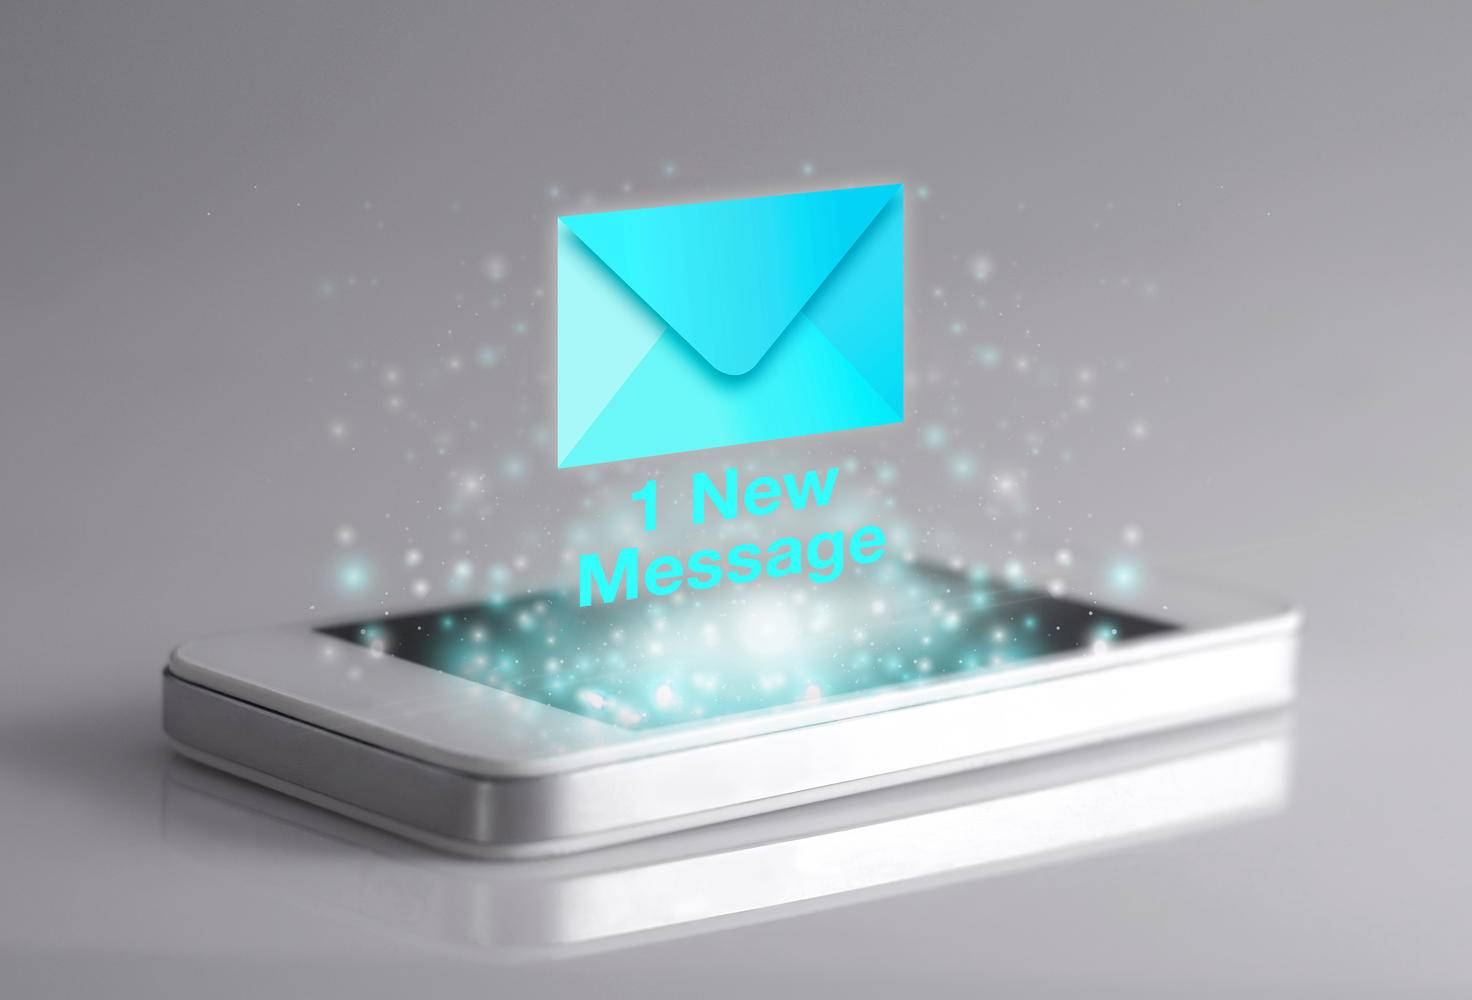 Auf dem iPhone die Mailbox abschalten: So geht